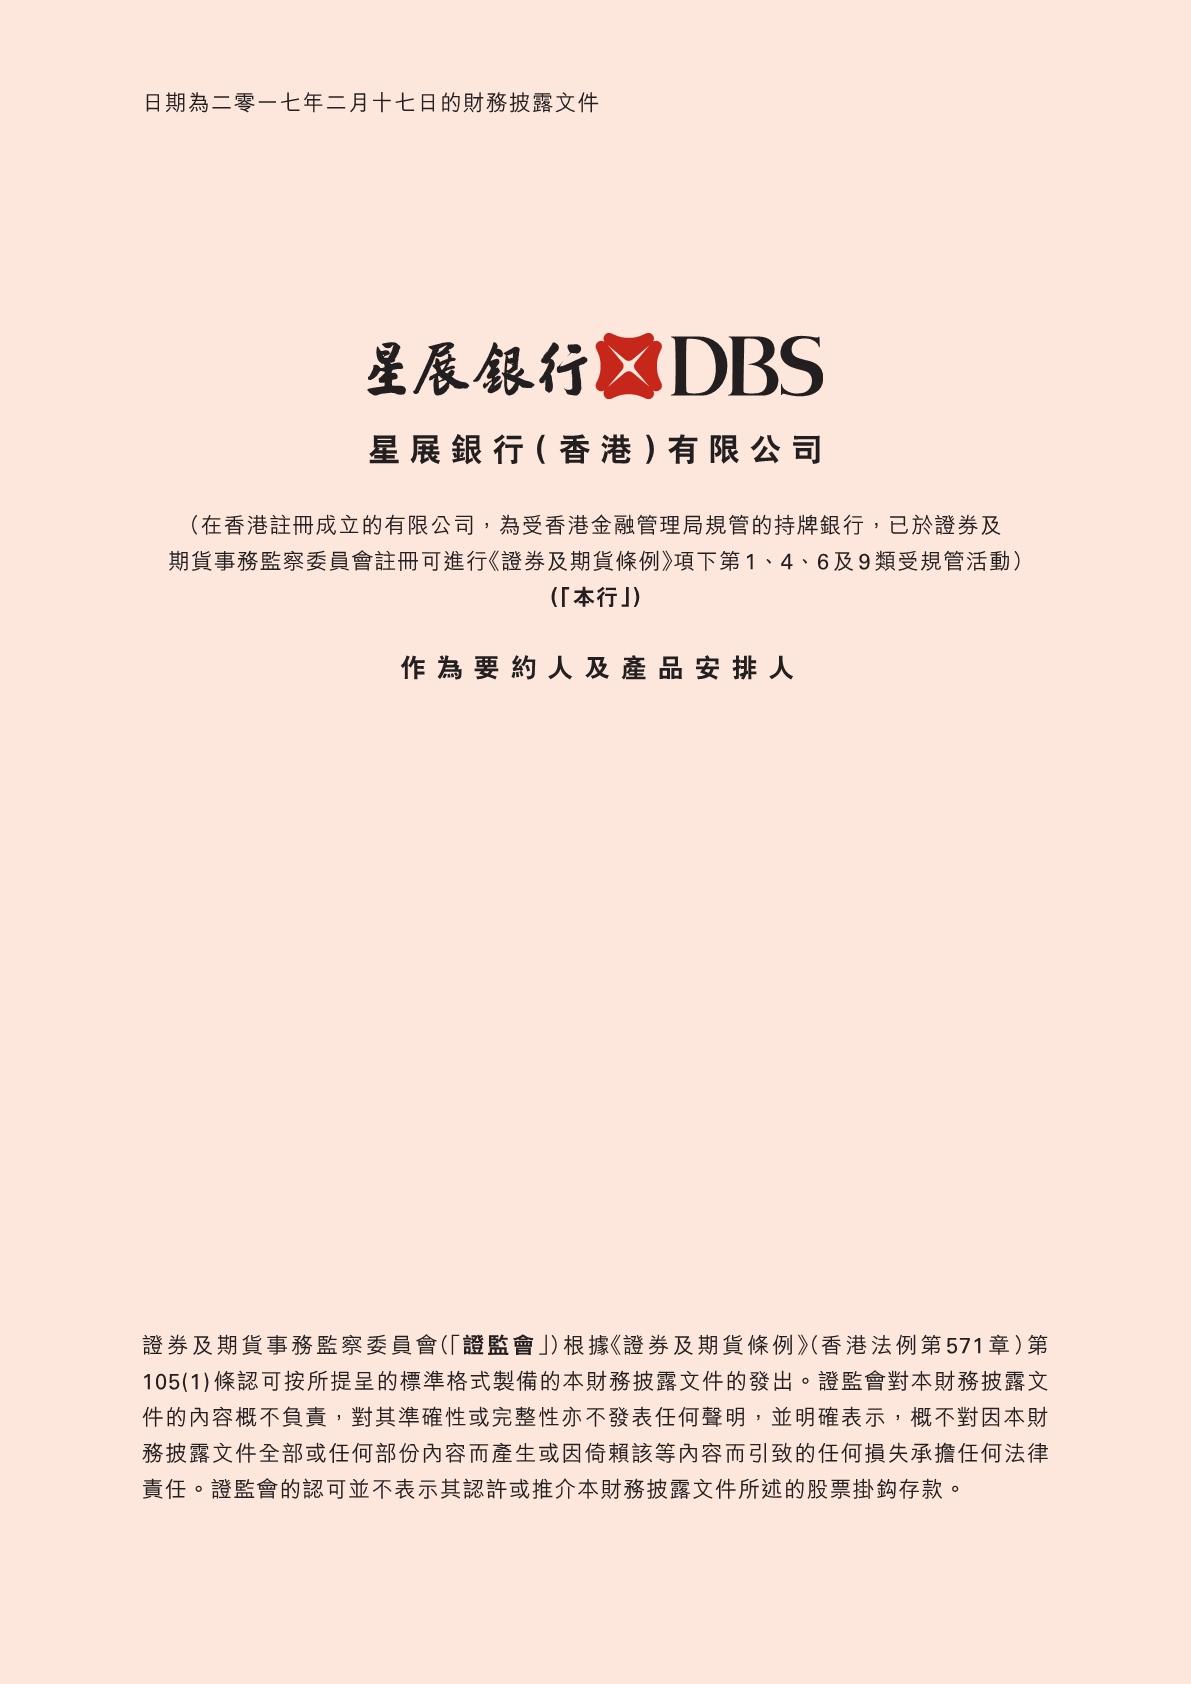 星展银行( 香港)有限公司 – 财务披露文件